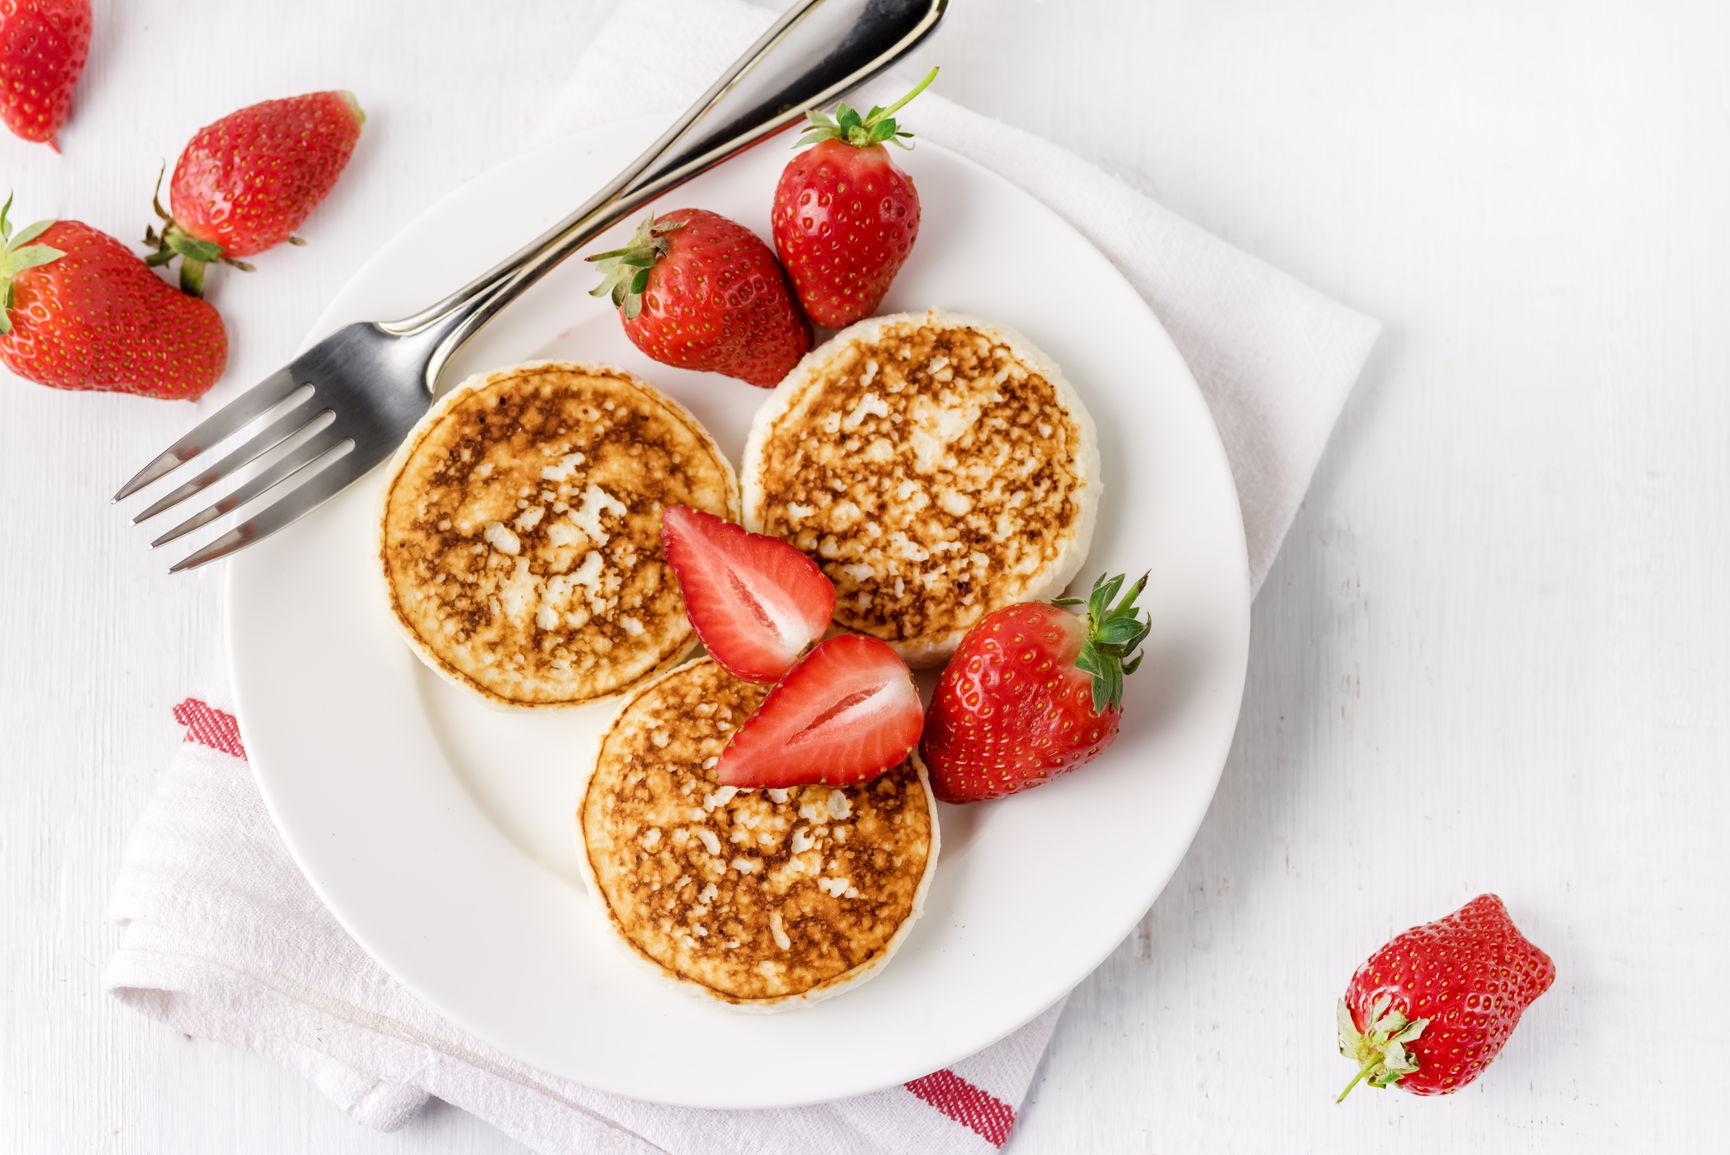 enkle og sunne frokoster